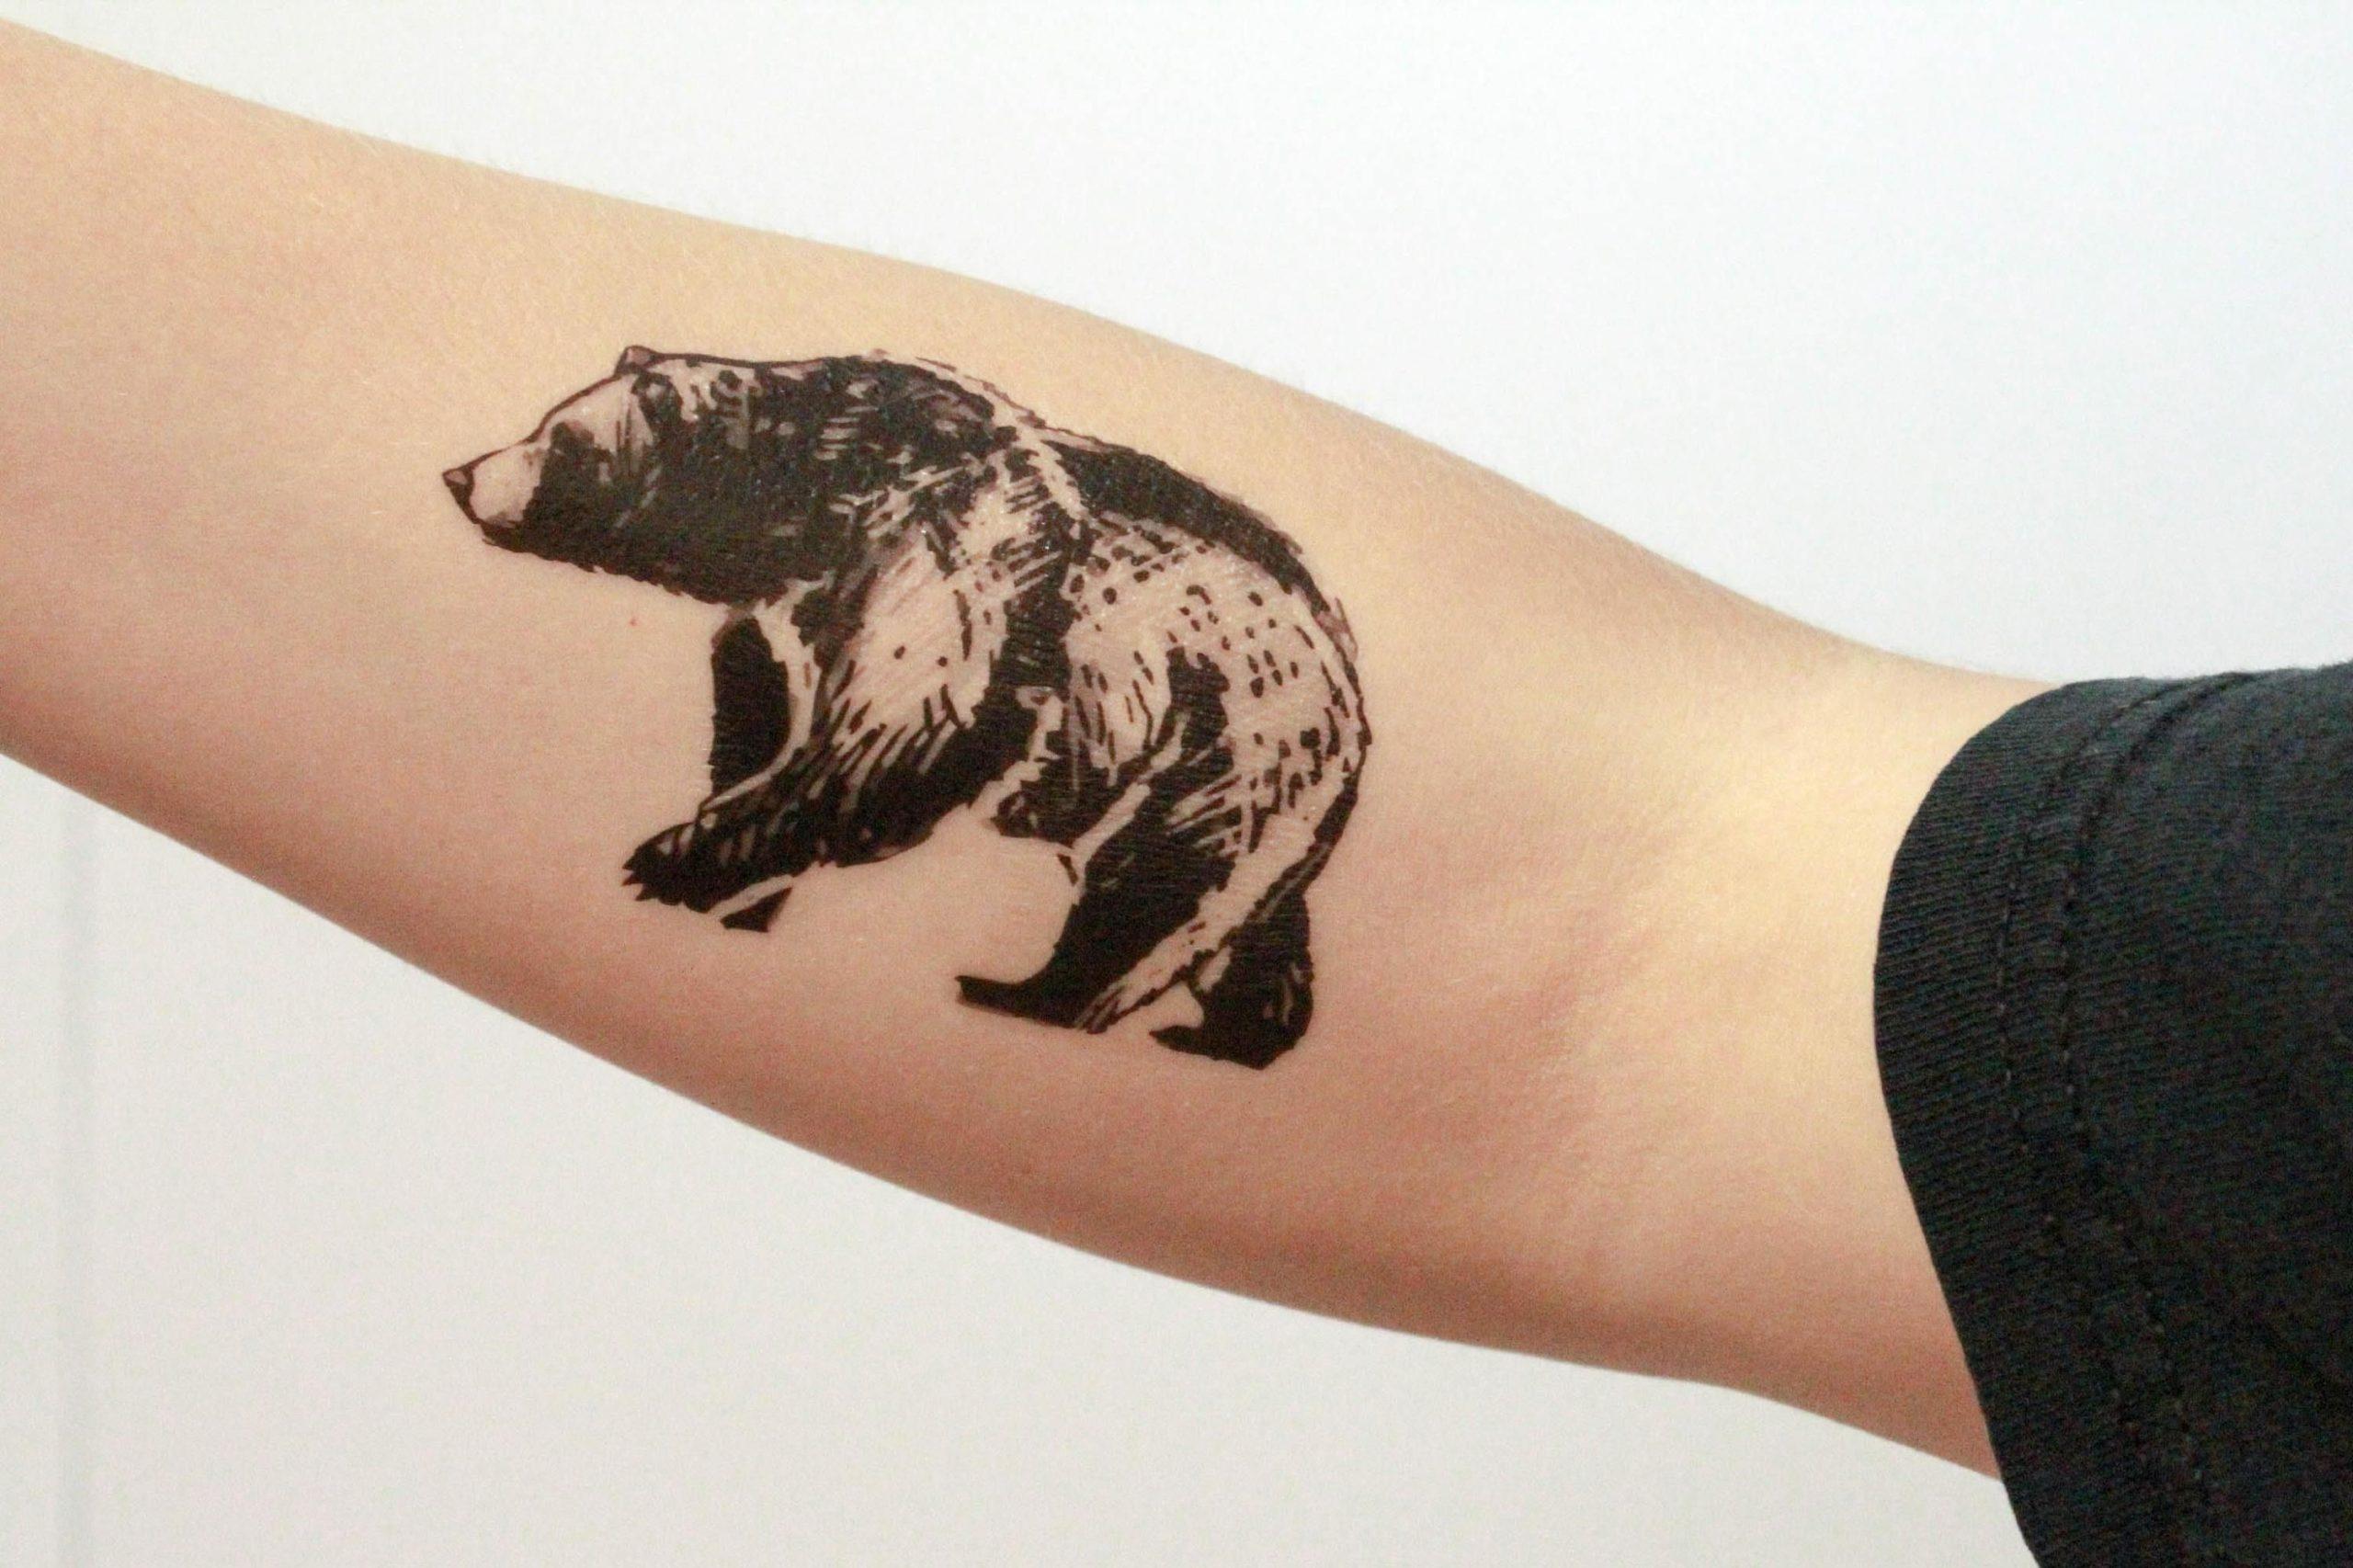 Pour les Amérindiens, l'ours est symbolique du pouvoir potentiel que l'on trouve dans le concept de paix, car ce grand animal à l'apparence féroce est en fait assez pacifique.